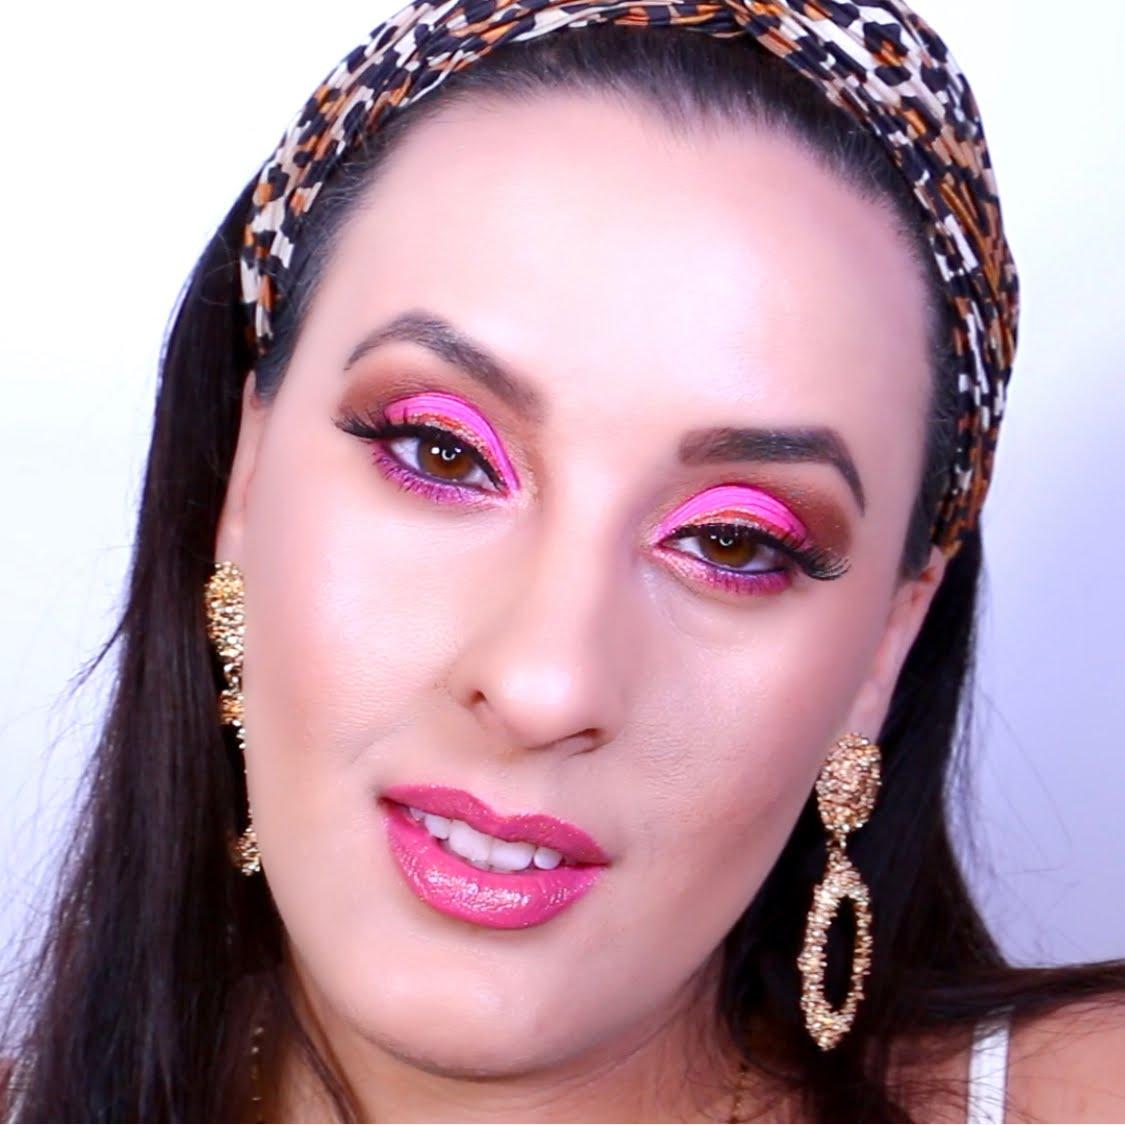 NEON-Pink-Gold-Makeup-Vivi-Brizuela